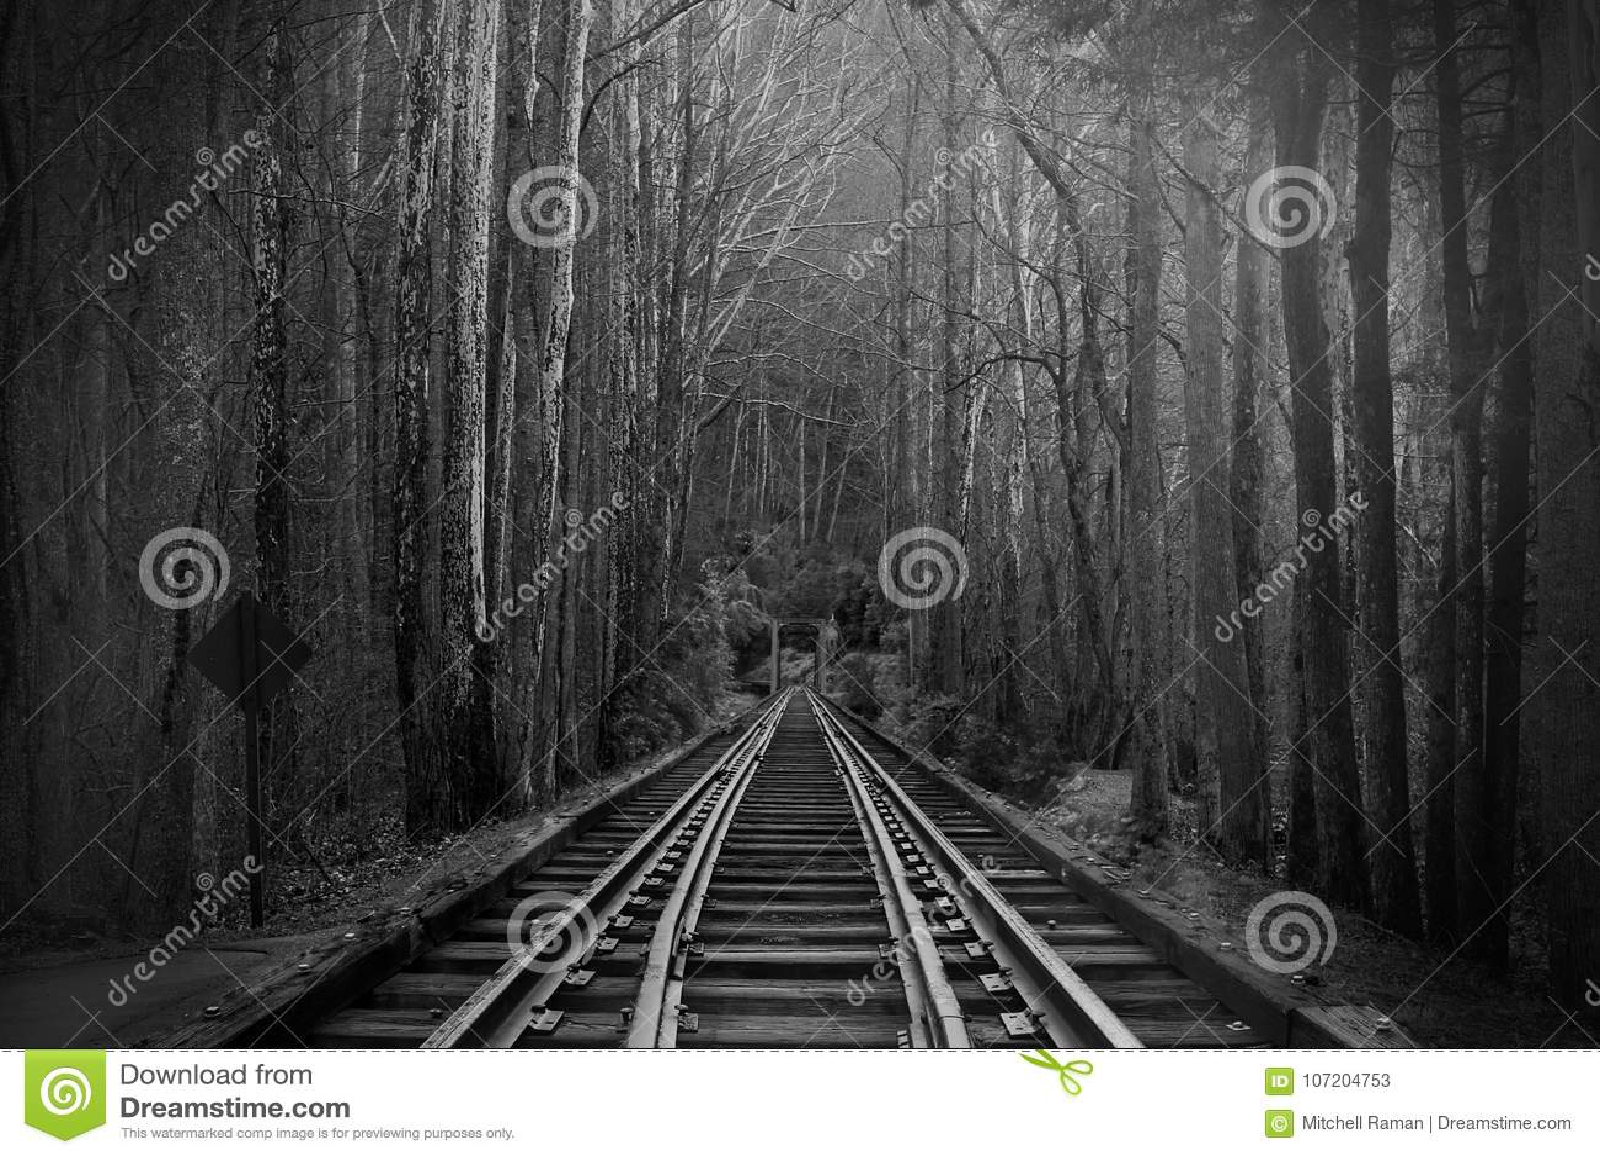 Fotografia preto e branco de trilhas do trem ou de estradas de trilho na floresta mágica da fantasia